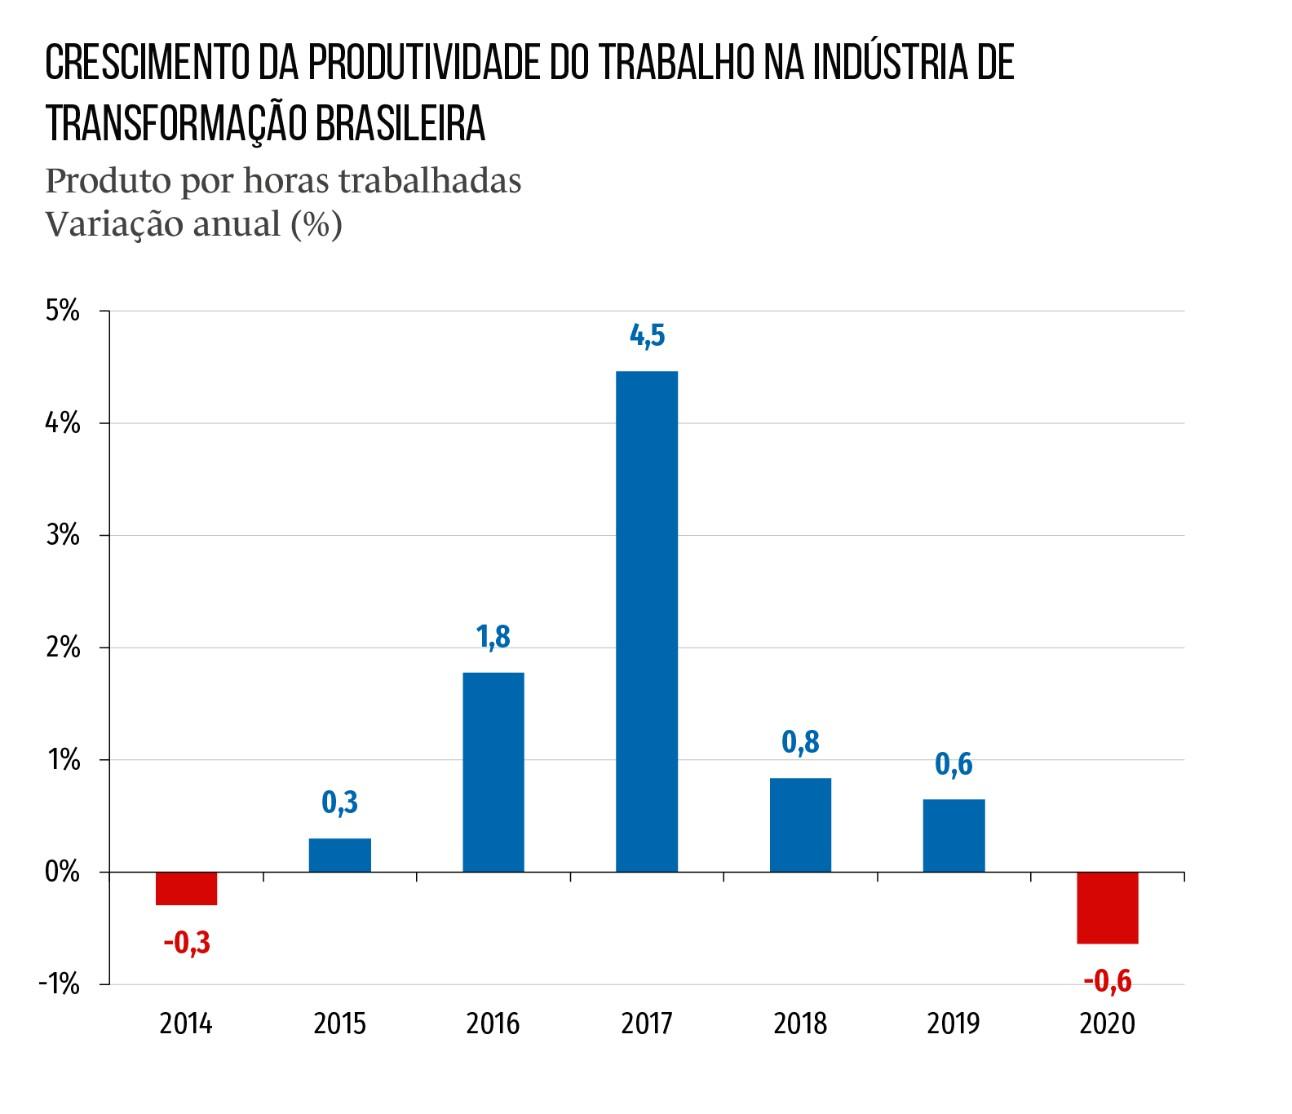 Produtividade na indústria cai em 2020 com crise do coronavírus